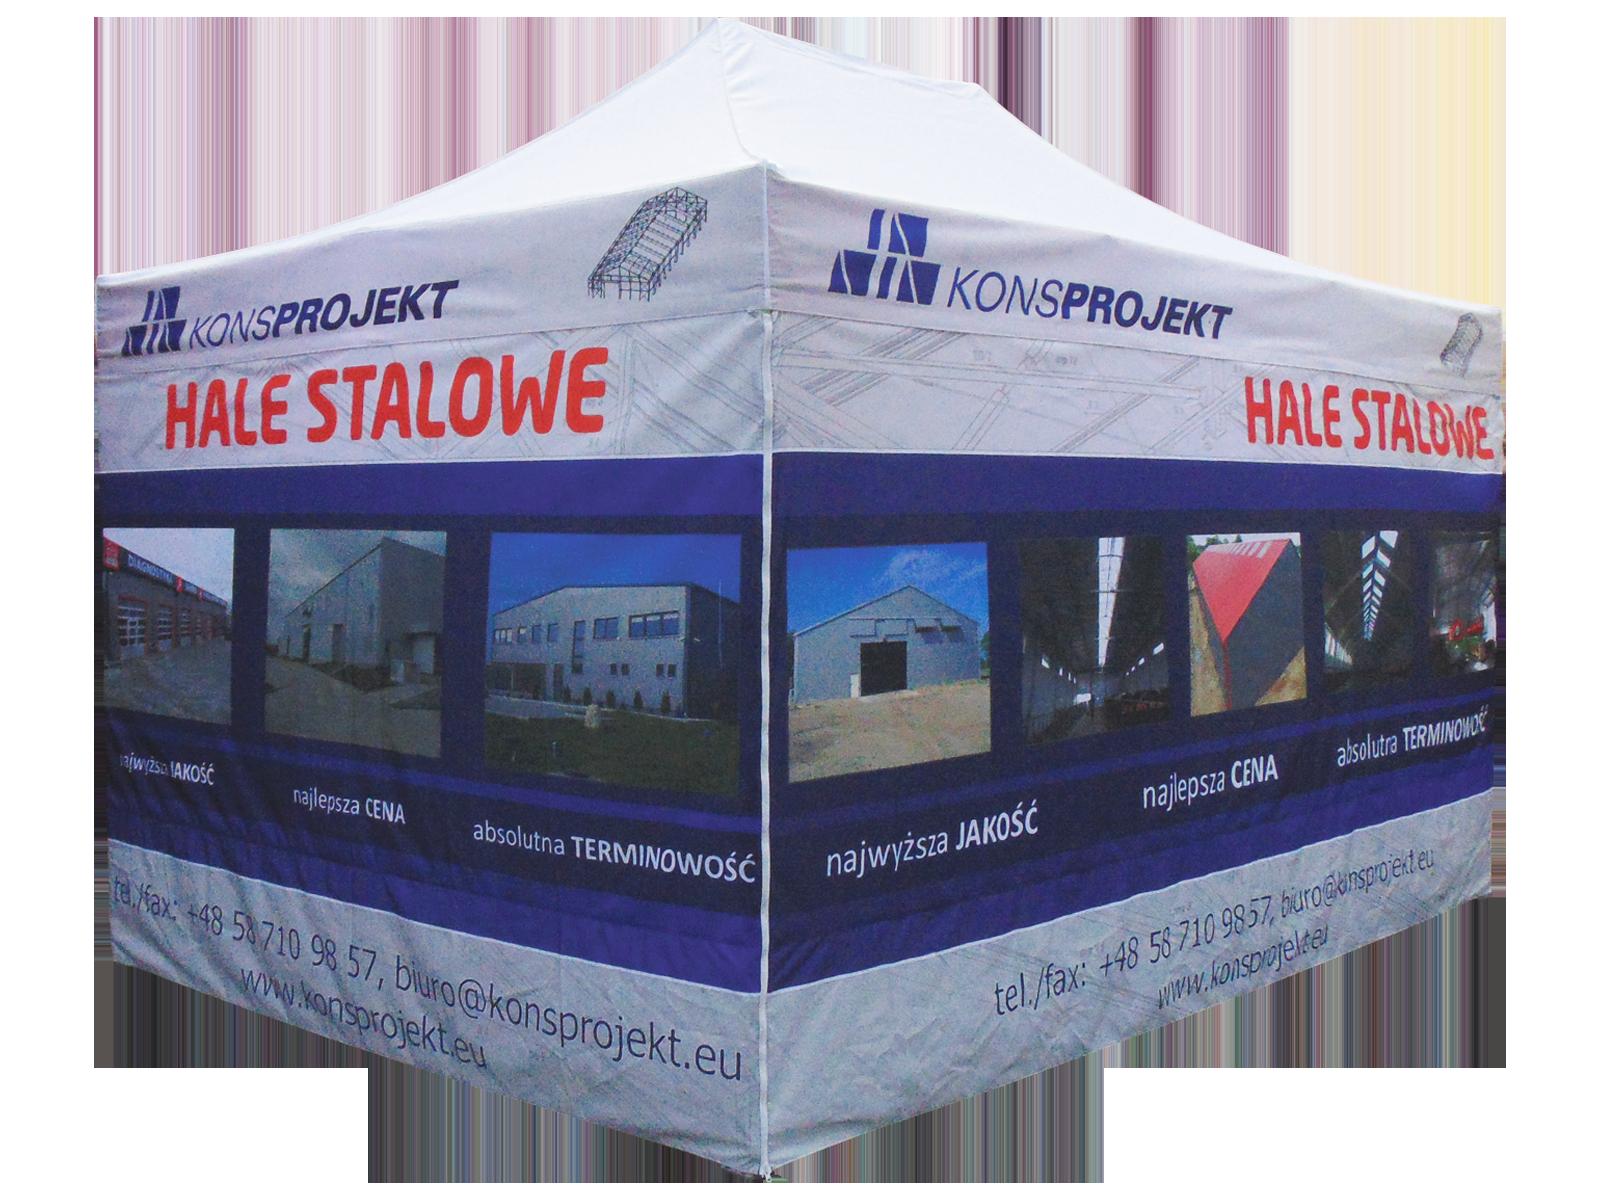 Namioty techniczne, namioty robocze, namioty spawalnicze, namioty do prac budowlanych, montażowe, namioty brukarskie, namioty kolejowe.jpg